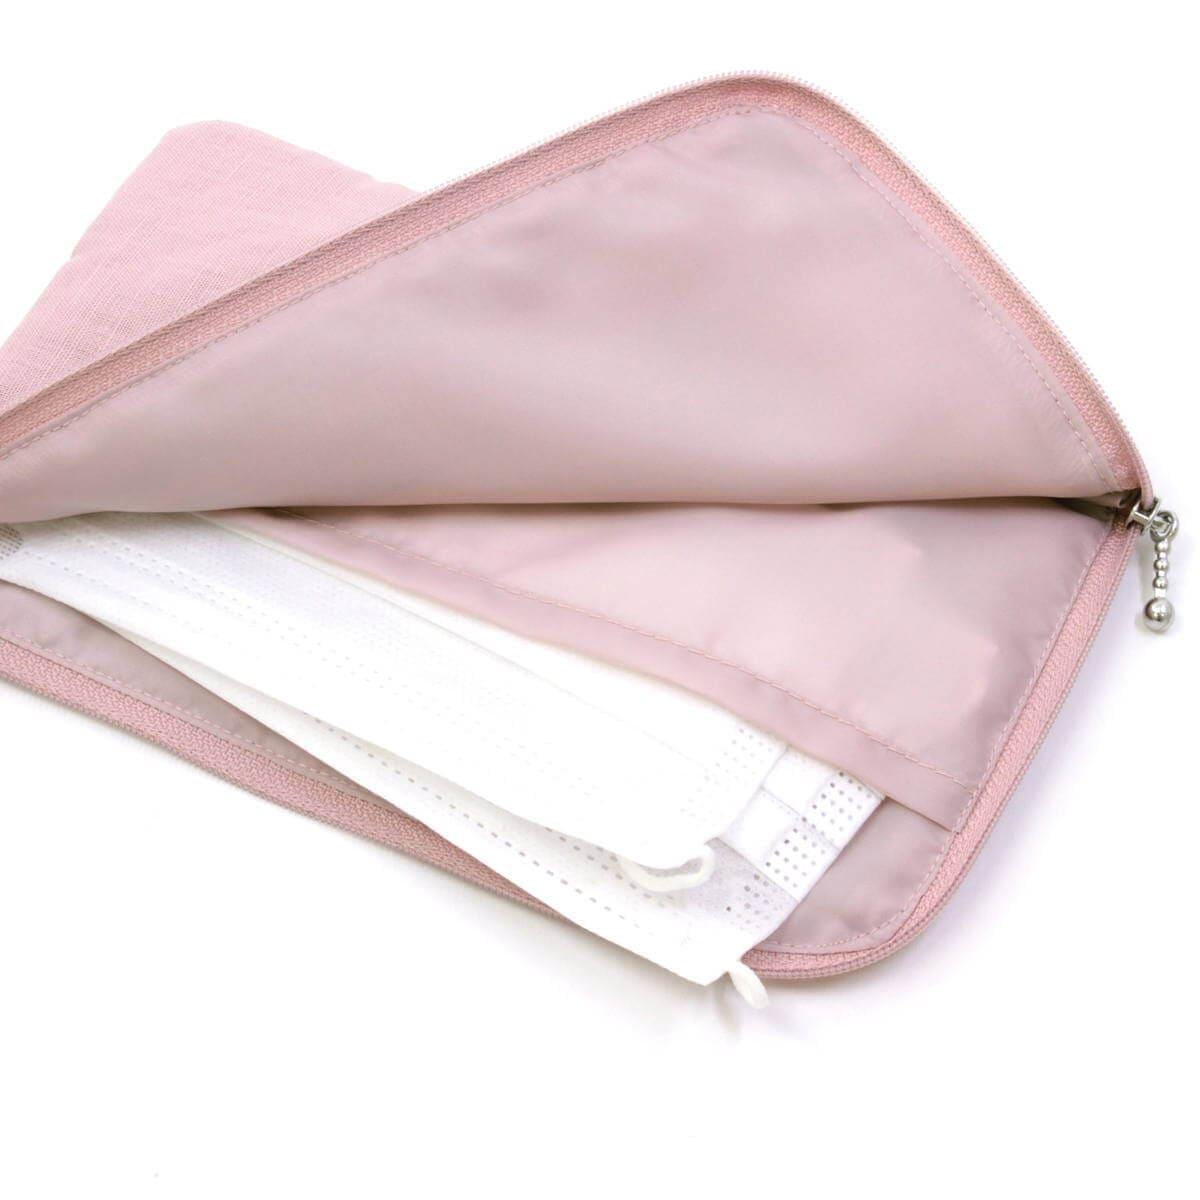 マスクケースの内側には平面ポケットが有ります。